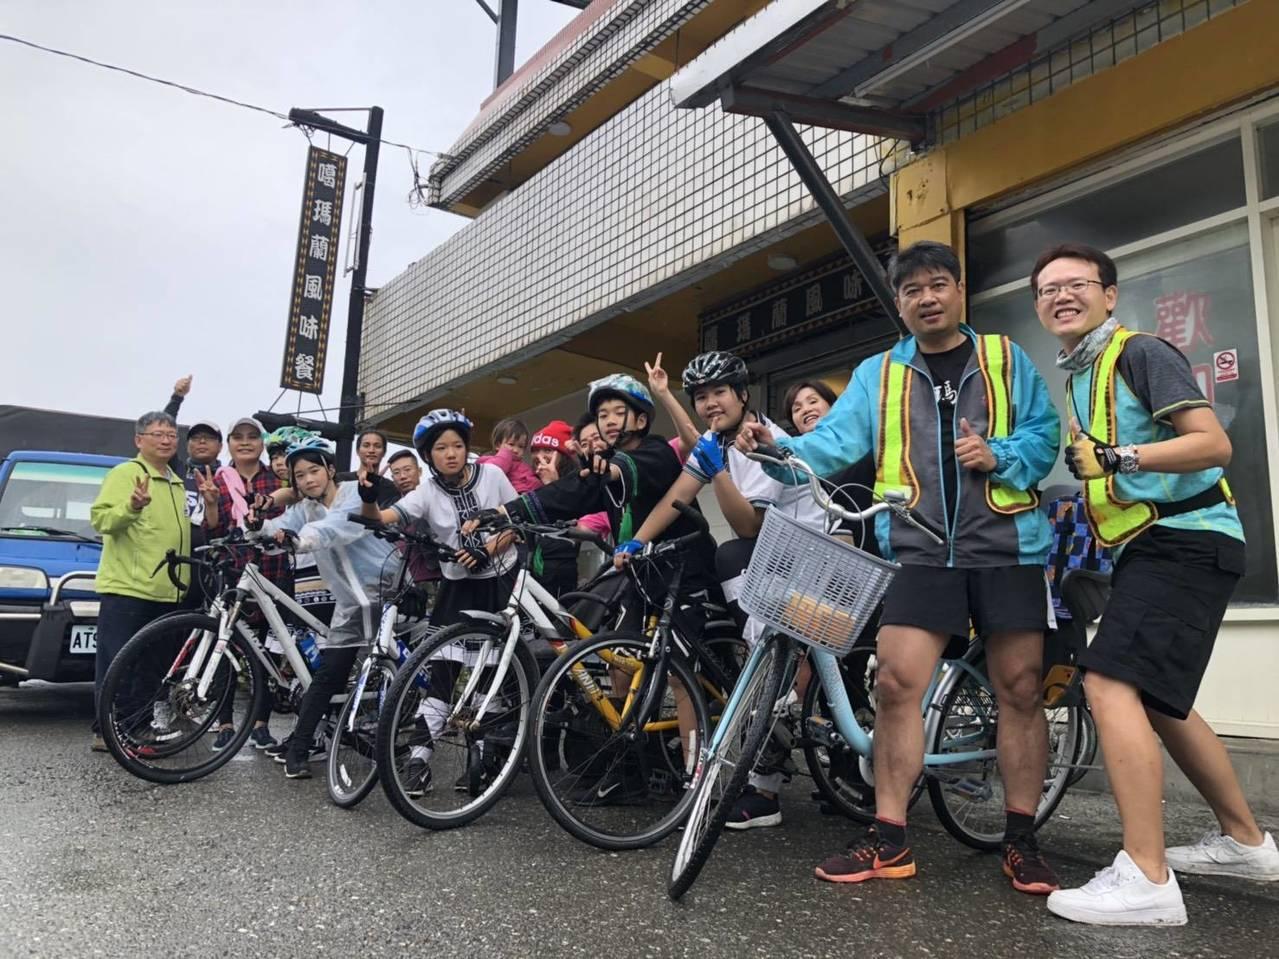 新社國小應屆畢業生舉辦路跑及跨騎活動。圖/新社國小提供